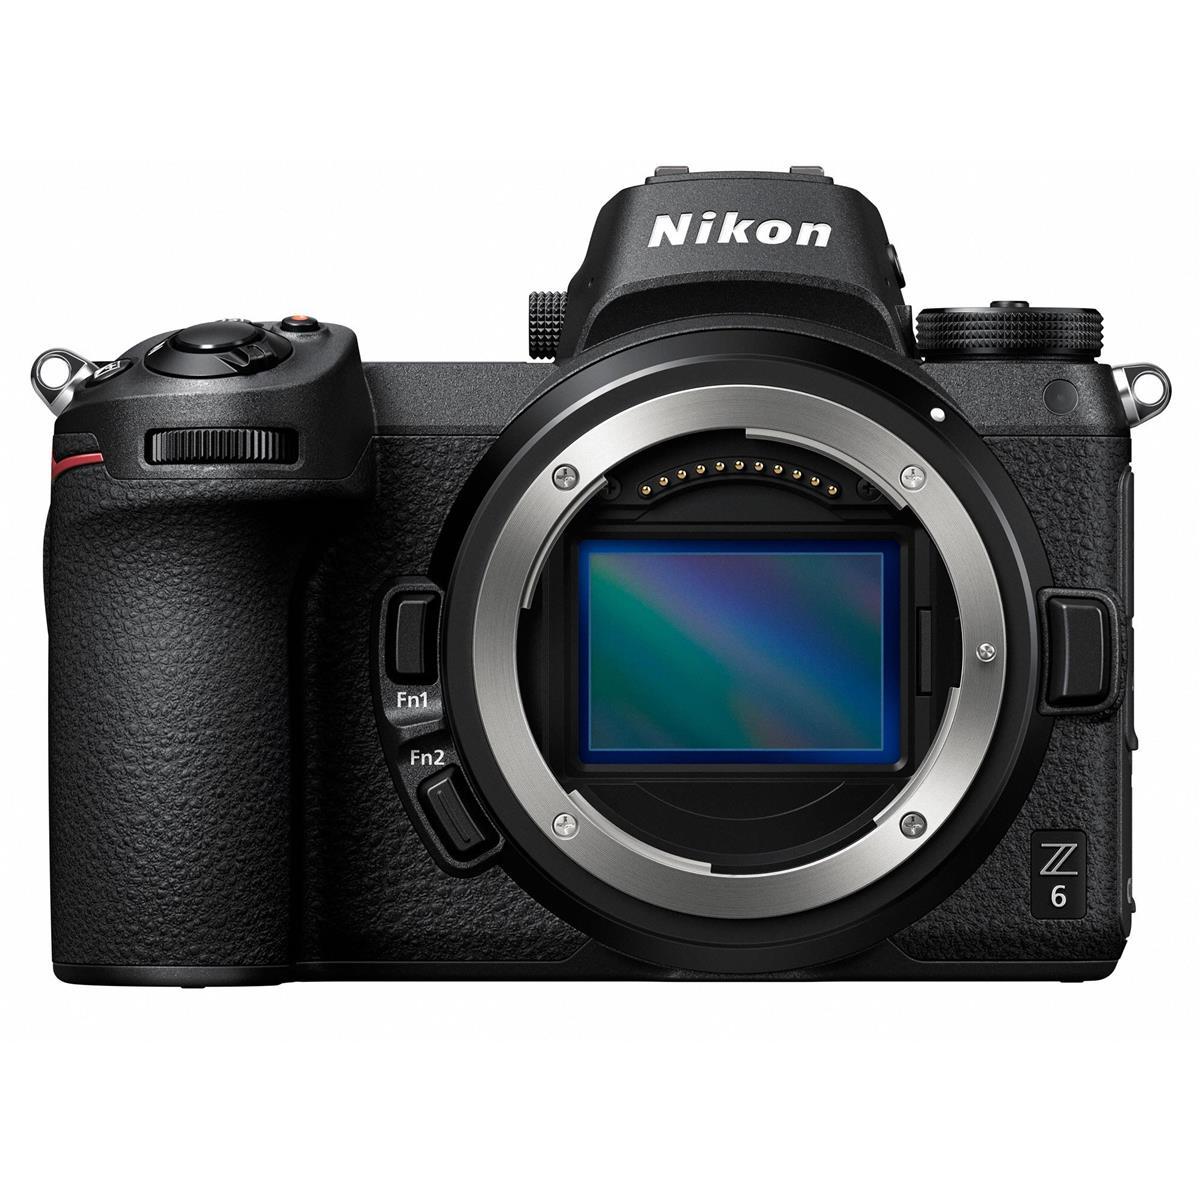 (Refurb) Nikon Camera's & Lenses: Z6 Body $1099. Z50 +16-50mm Lens $899, Z7 Body $2299, 16-80mm f/2.8-4E $699, 35mm f/1.8 S + free s/h at Adorama